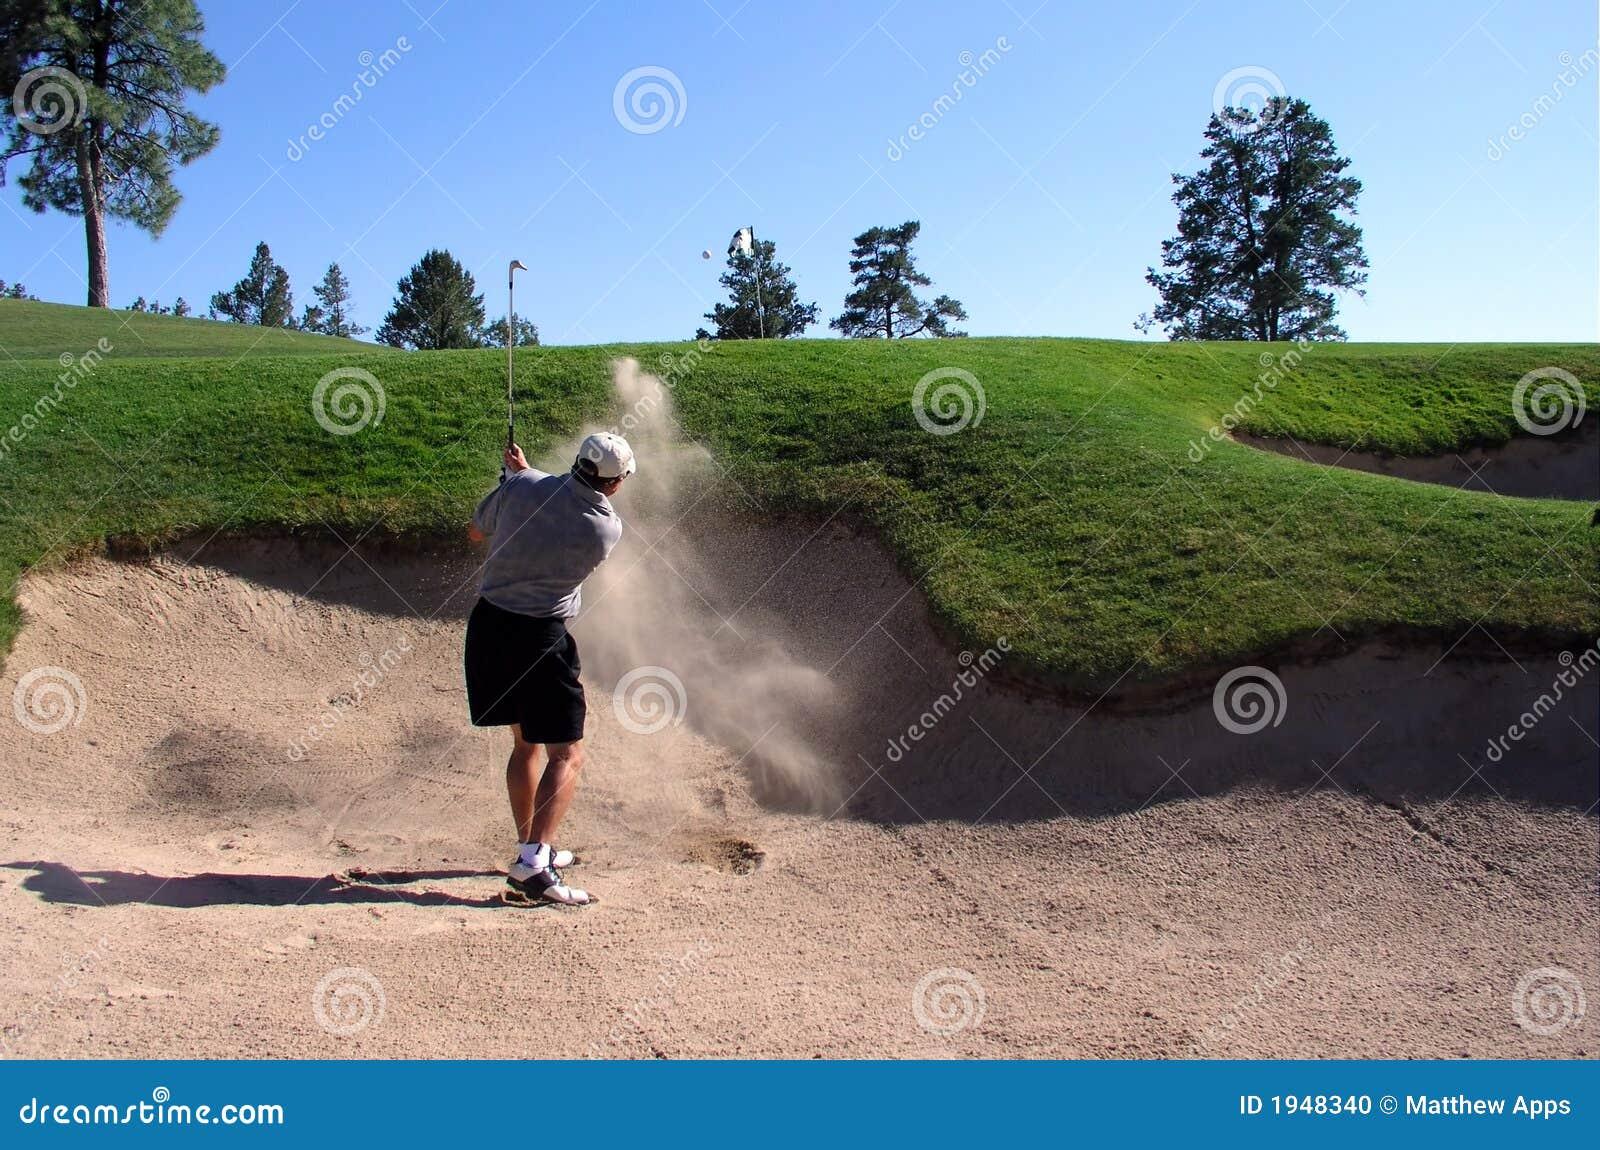 Prawdziwy golfiarz uderzył się pułapkę piasku.